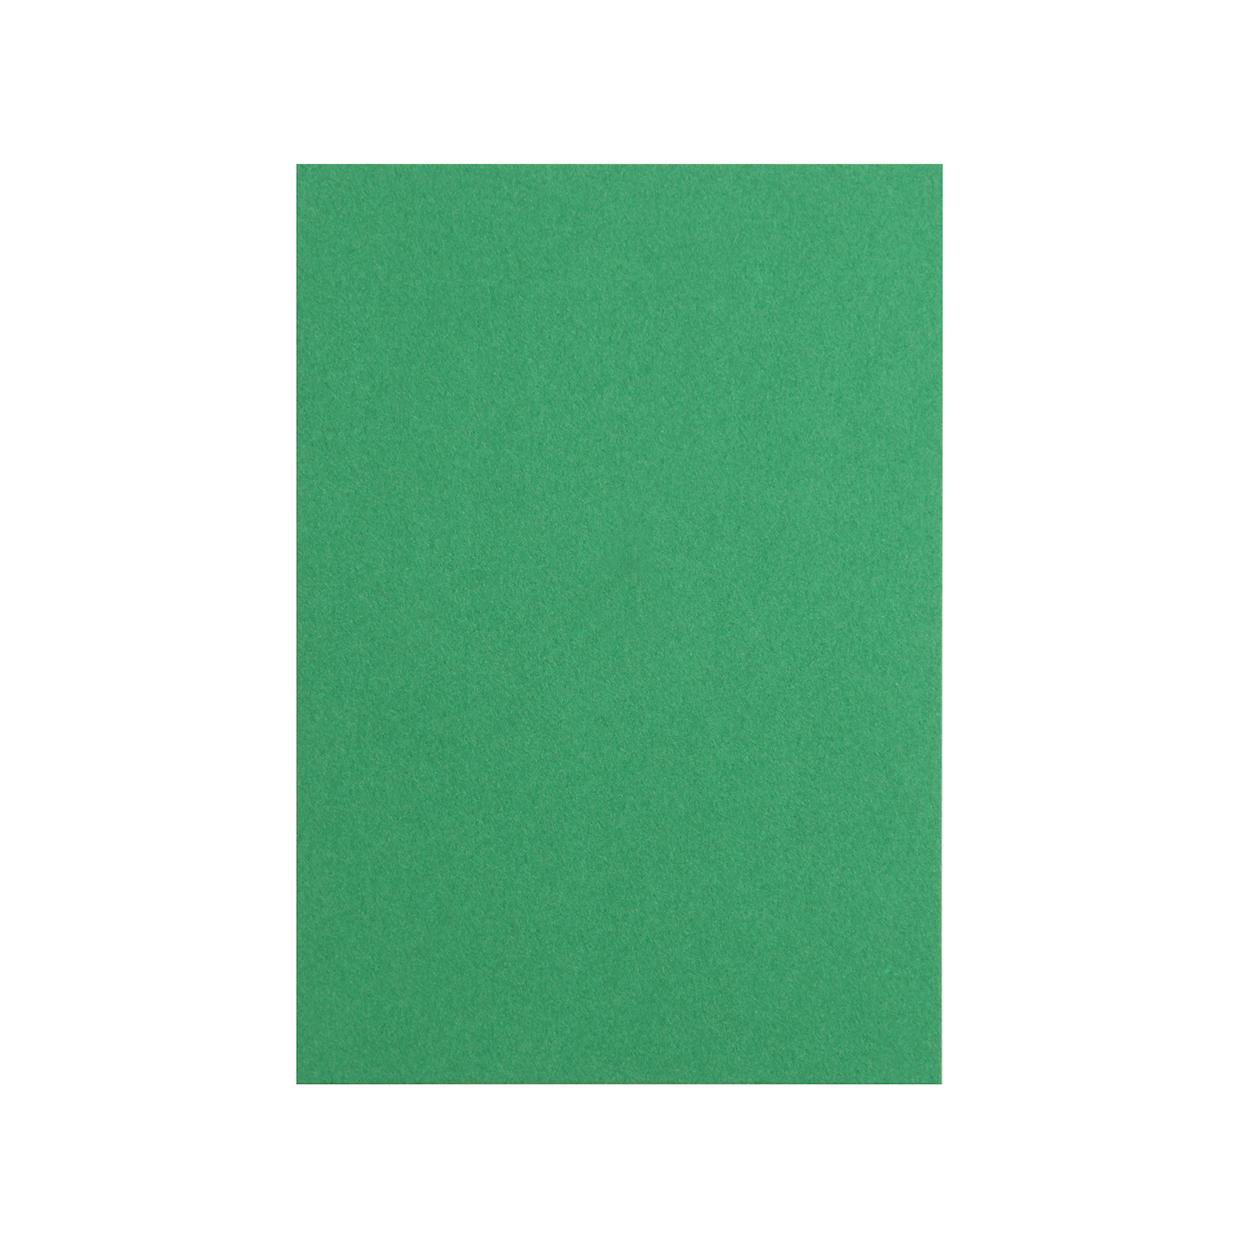 Pカード コットン(NTラシャ) 緑 151.2g